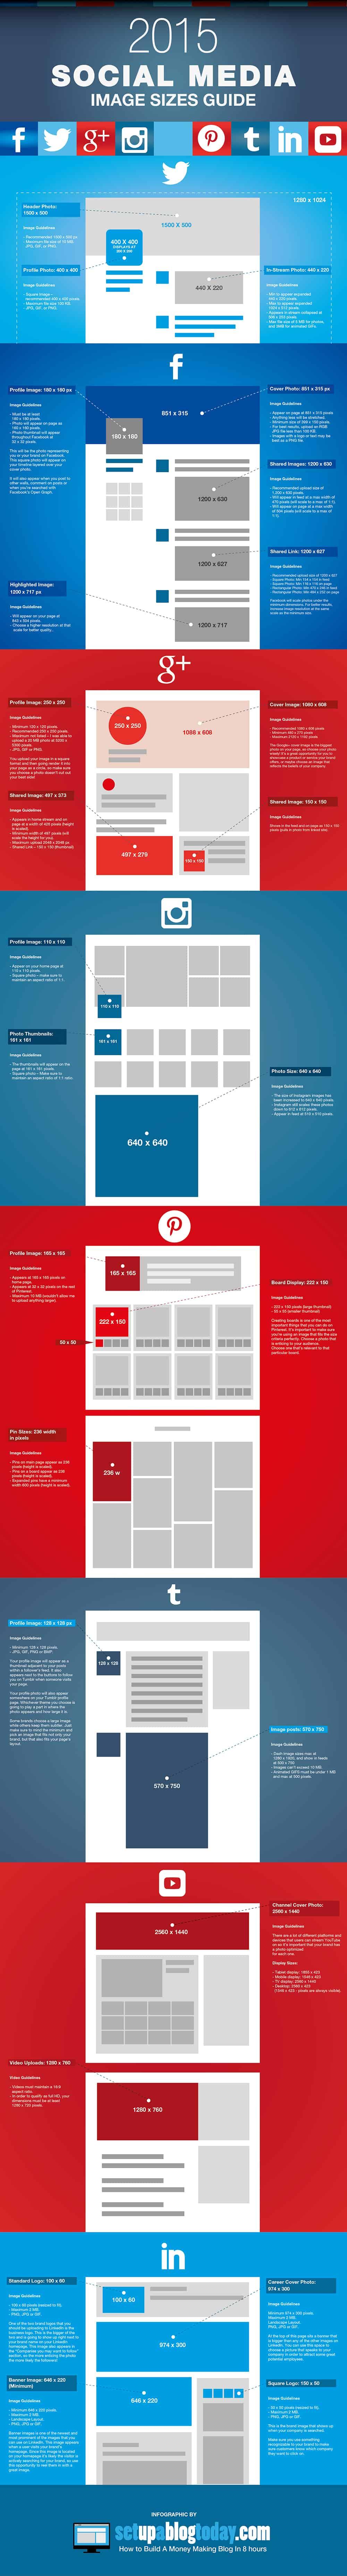 infographie-guide-taille-images-reseaux-sociaux